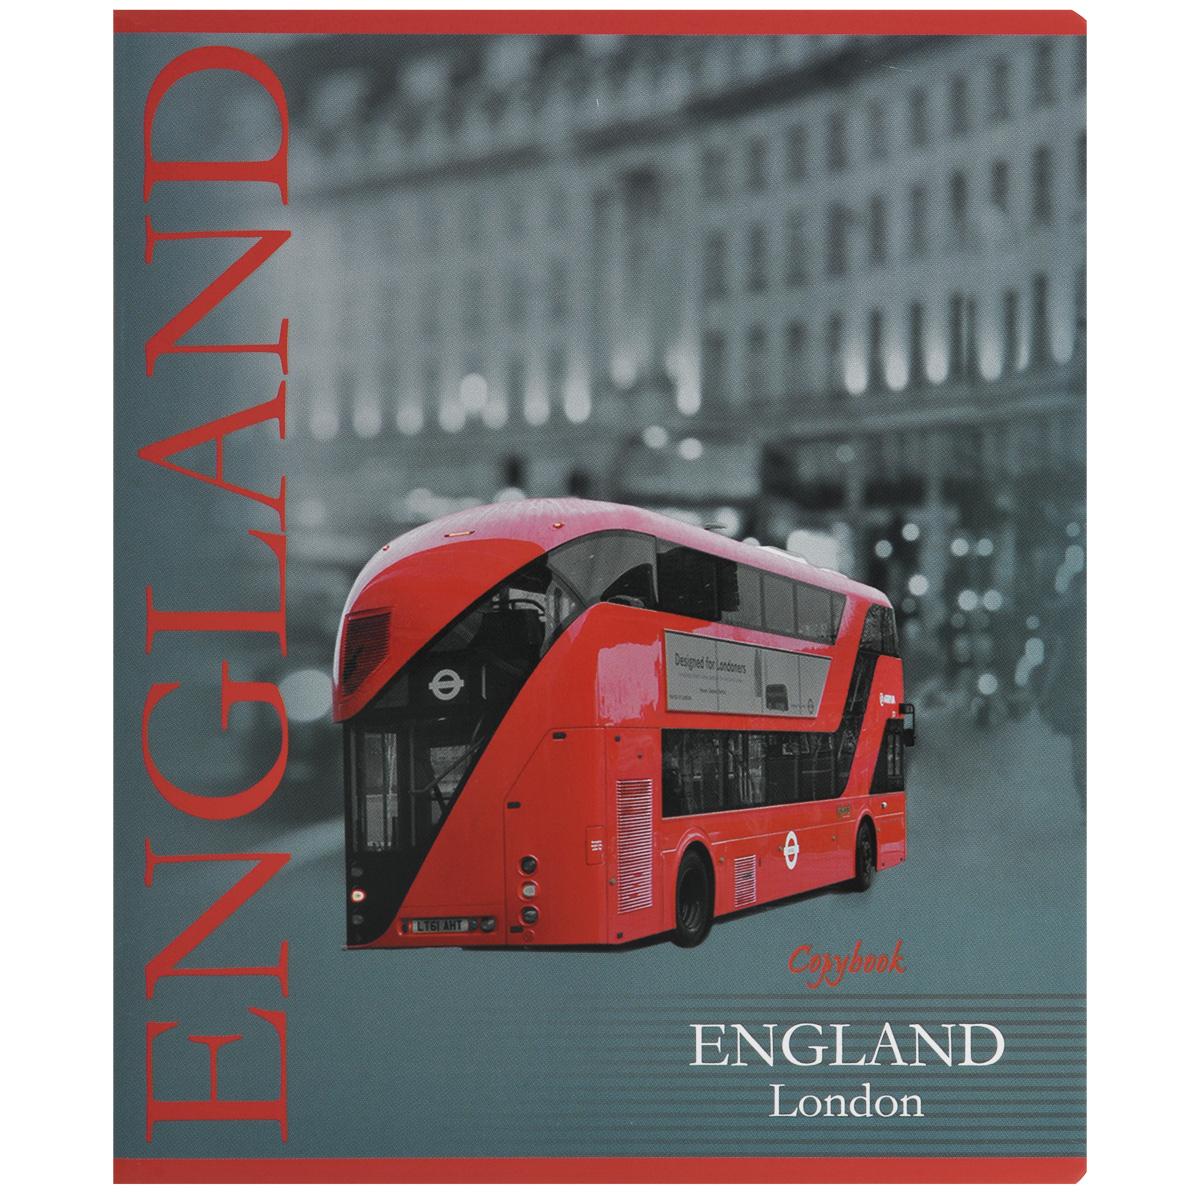 Тетрадь Лондон. Автобус, 60 листов, формат А572523WDТетрадь в клетку Лондон. Автобус подойдет как студенту, так и школьнику. Обложка тетради с закругленными углами выполнена из плотной бумаги. На обложке изображение Лондона. Внутренний блок состоит из 60 листов белой бумаги. Стандартная линовка в клетку дополнена полями, совпадающими с лицевой и оборотной стороны листа.